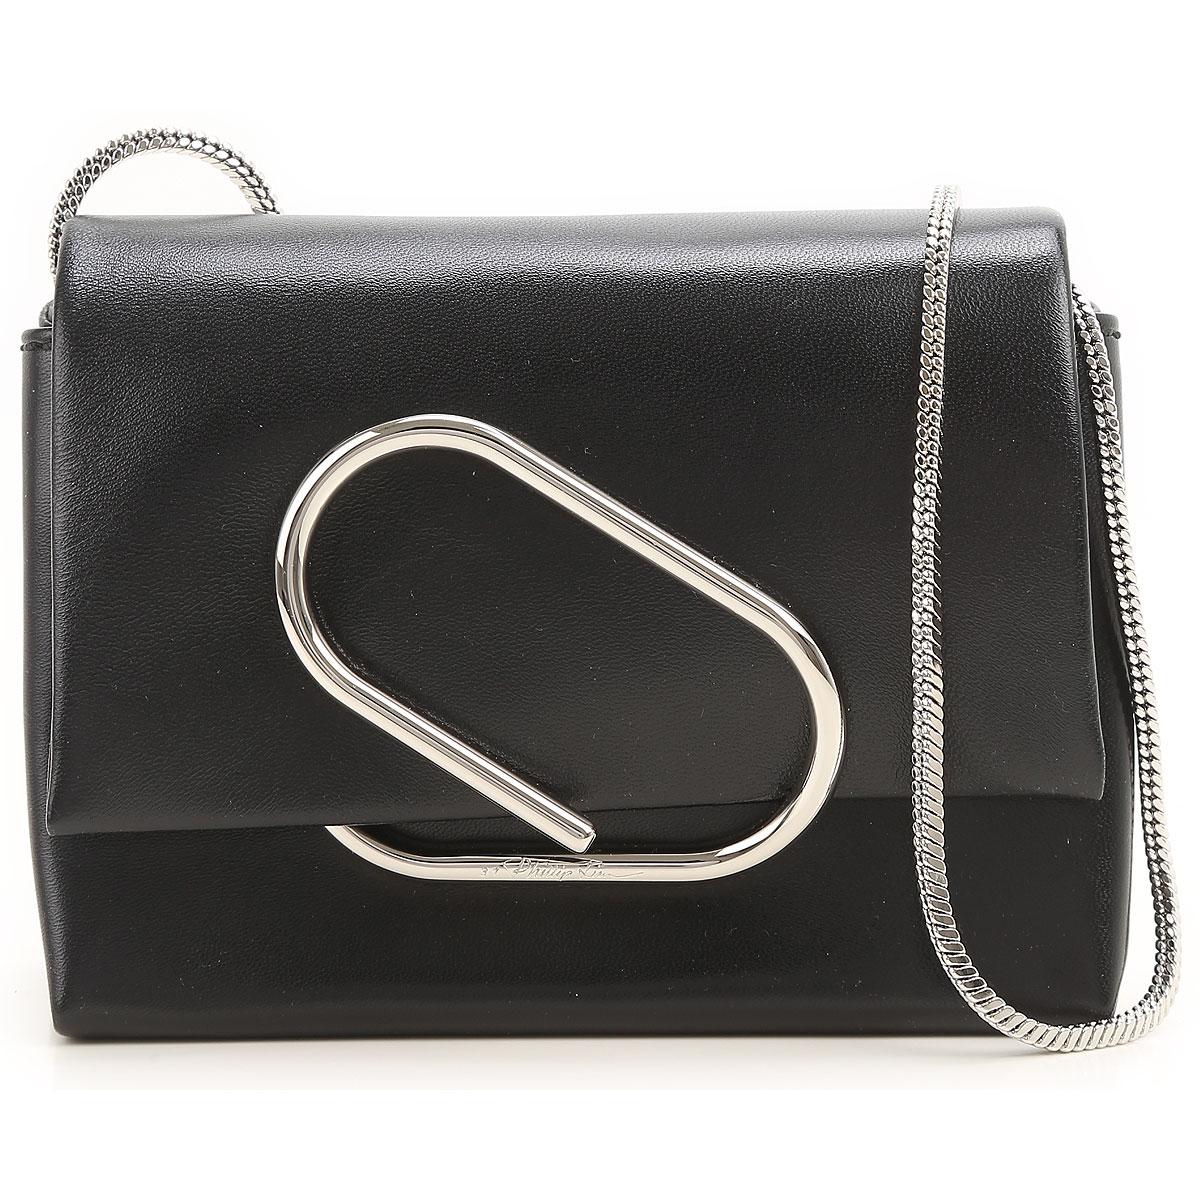 3.1 PHILLIP LIM Shoulder Bag for Women On Sale in Outlet, Black, Leather, 2017